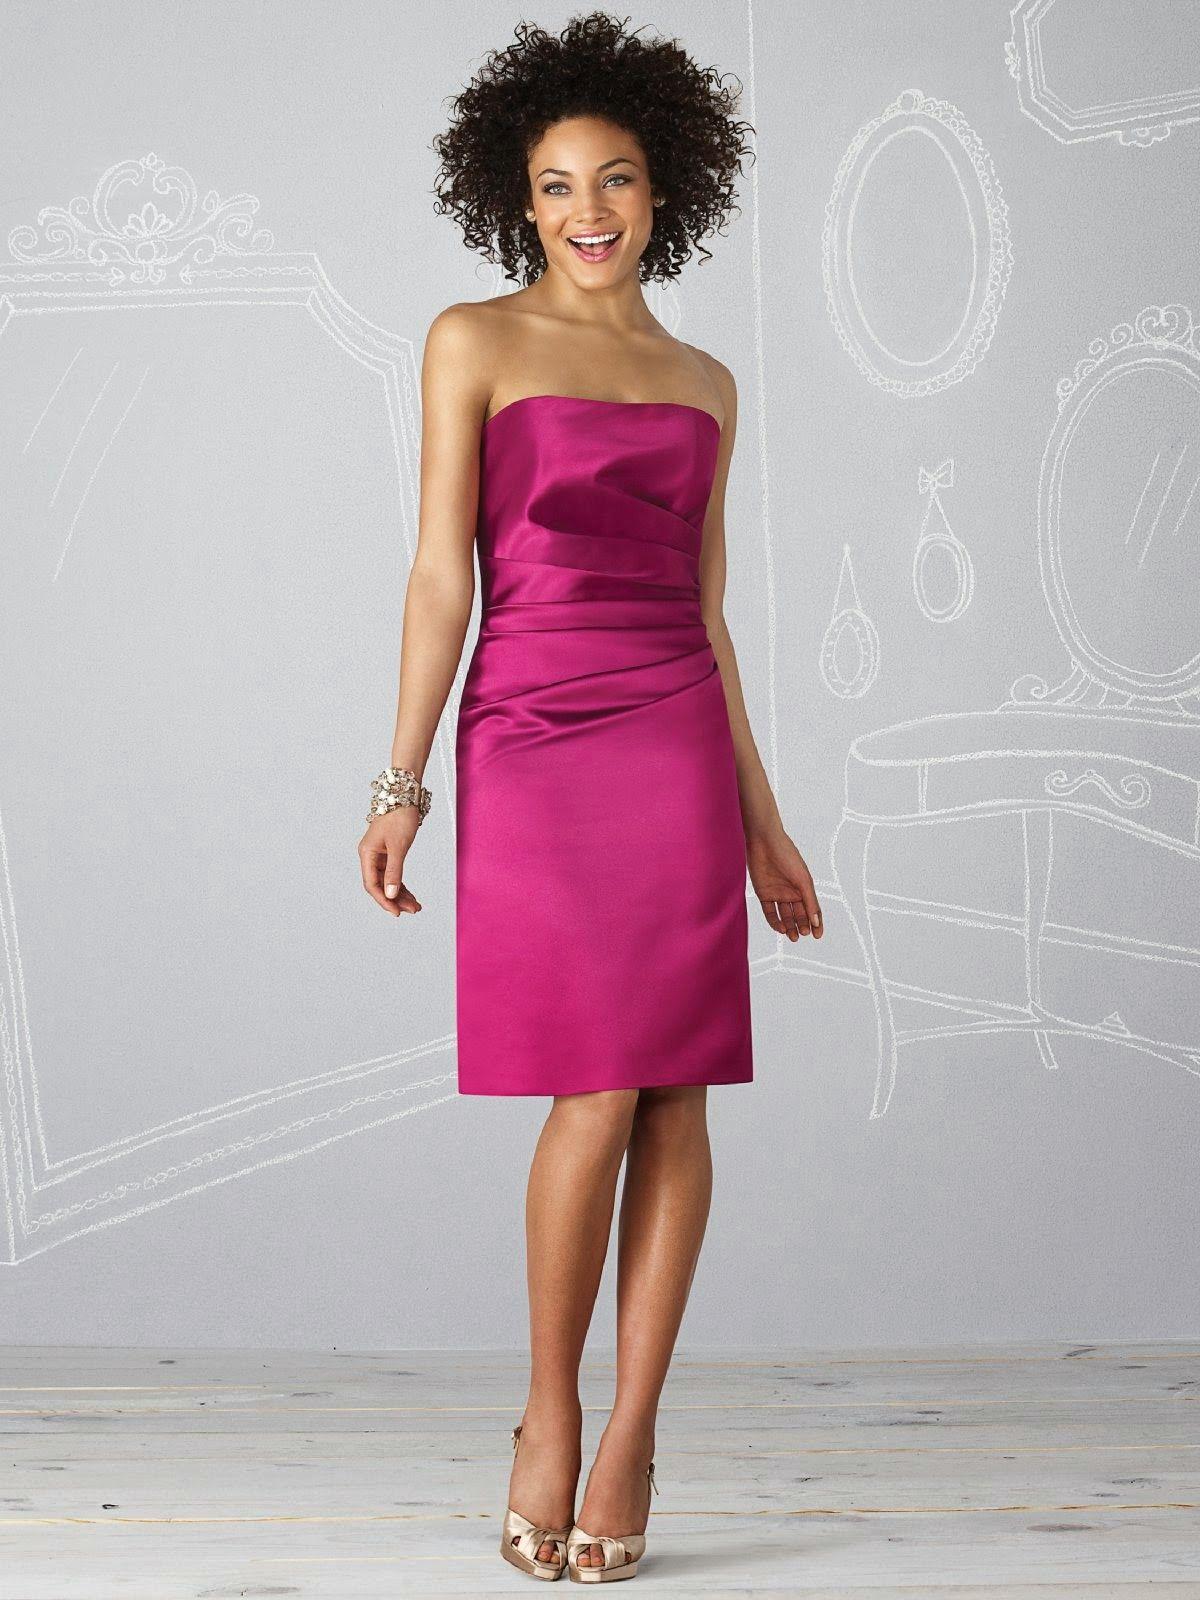 Diseños de vestidos de damas de honor | my style | Pinterest | Aunt ...